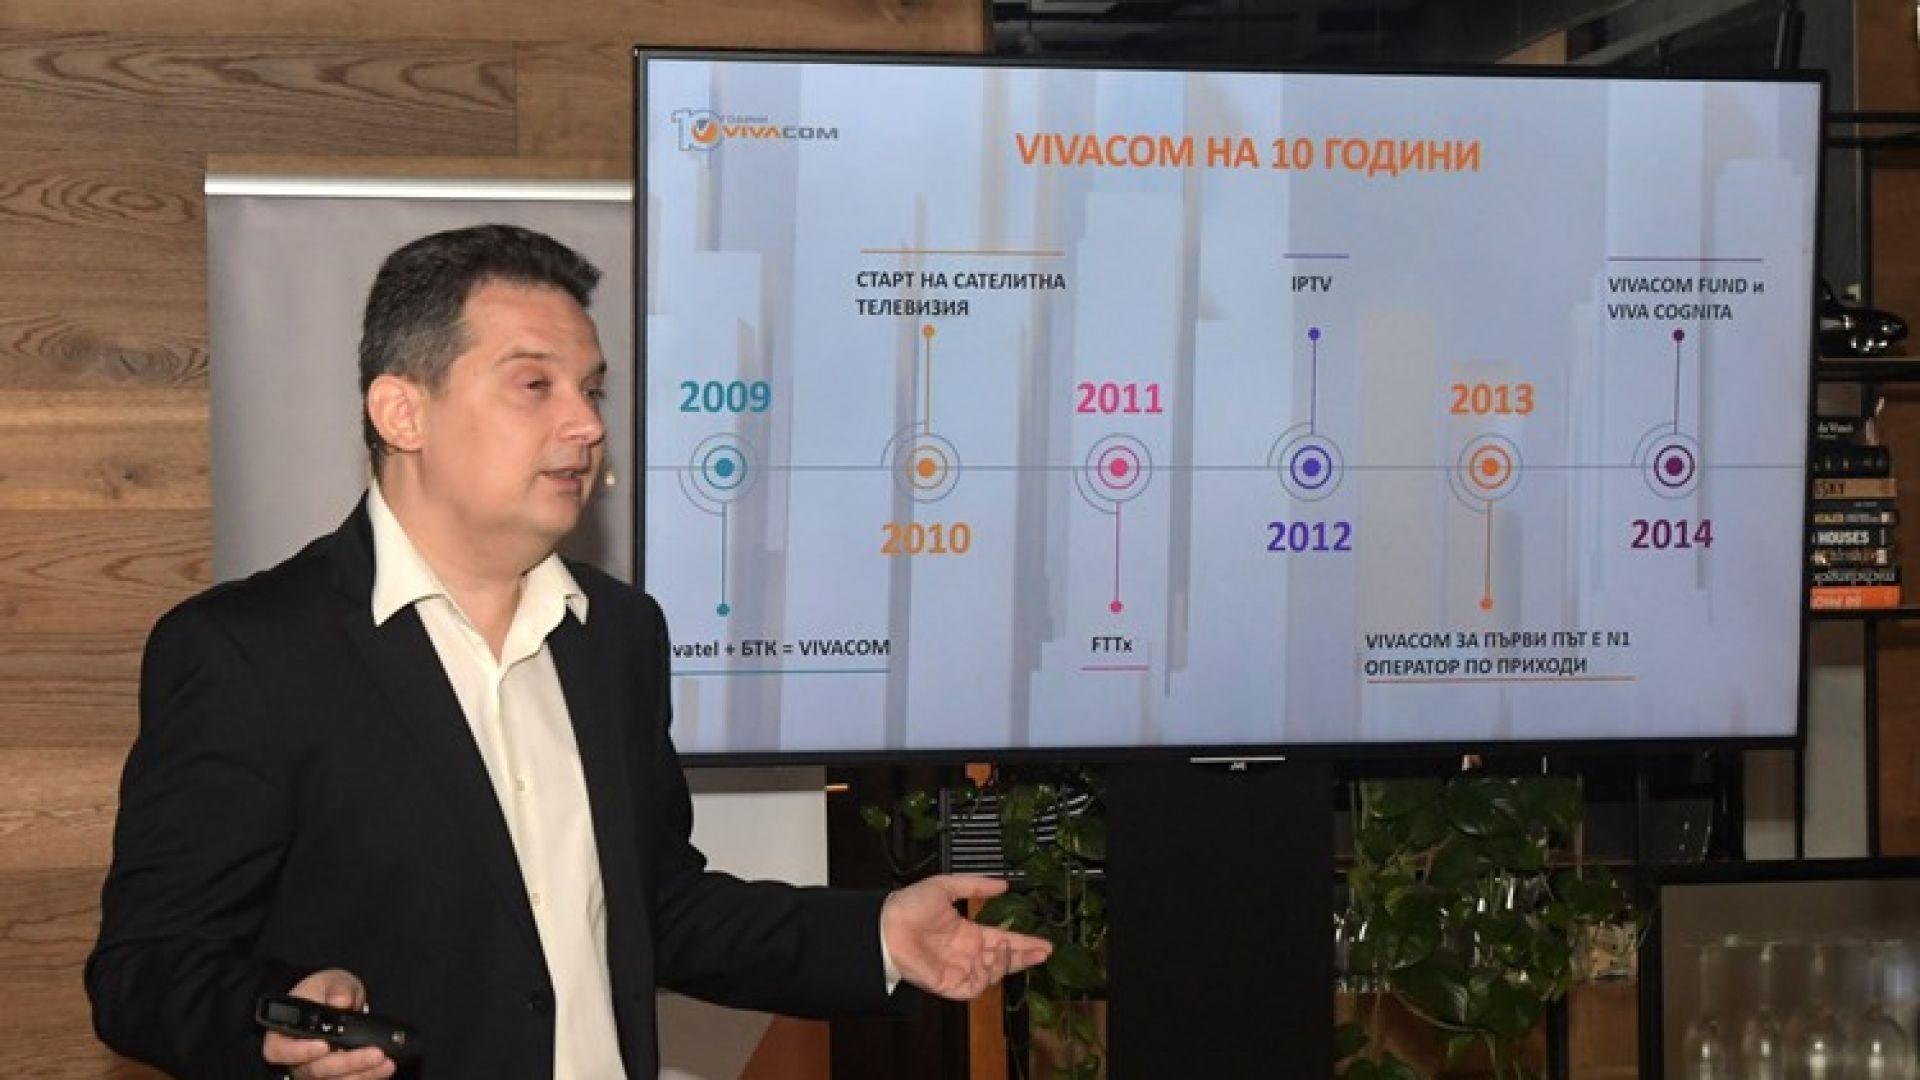 Атанас Добрев - Главен изпълнителен директор на VIVACOM